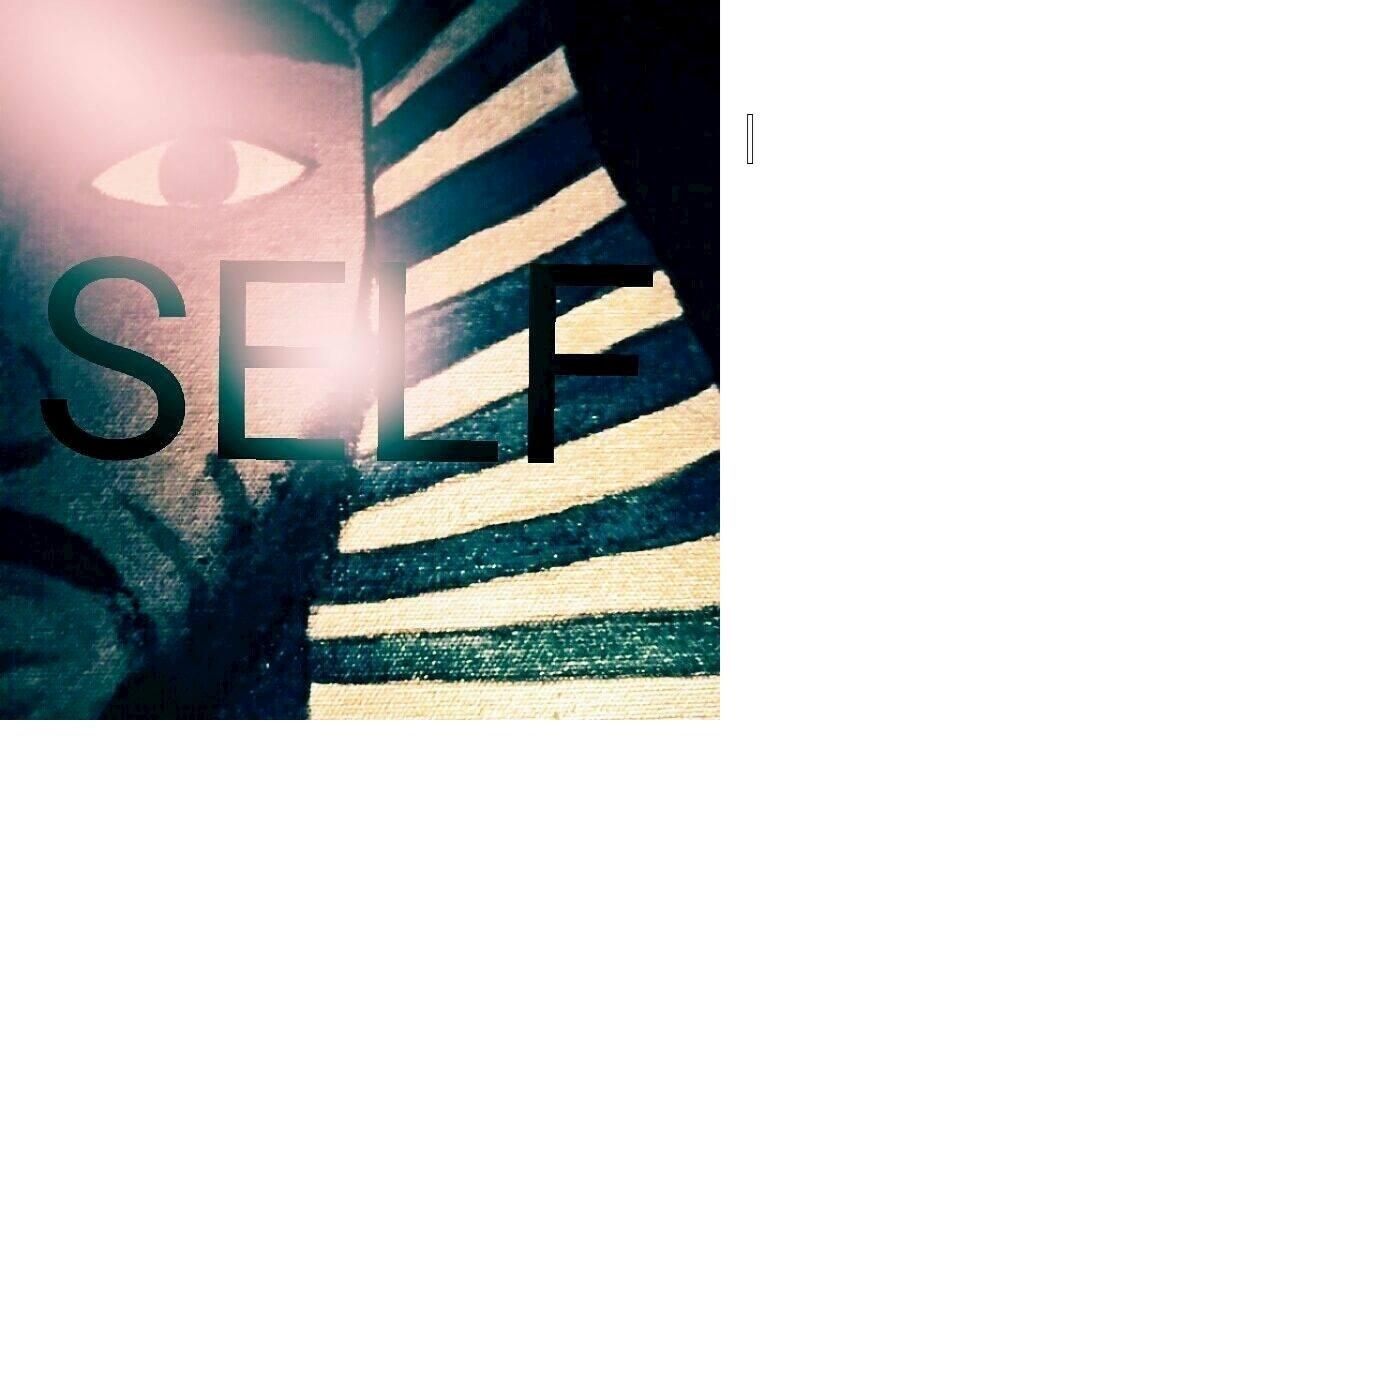 Self (Deluxe)